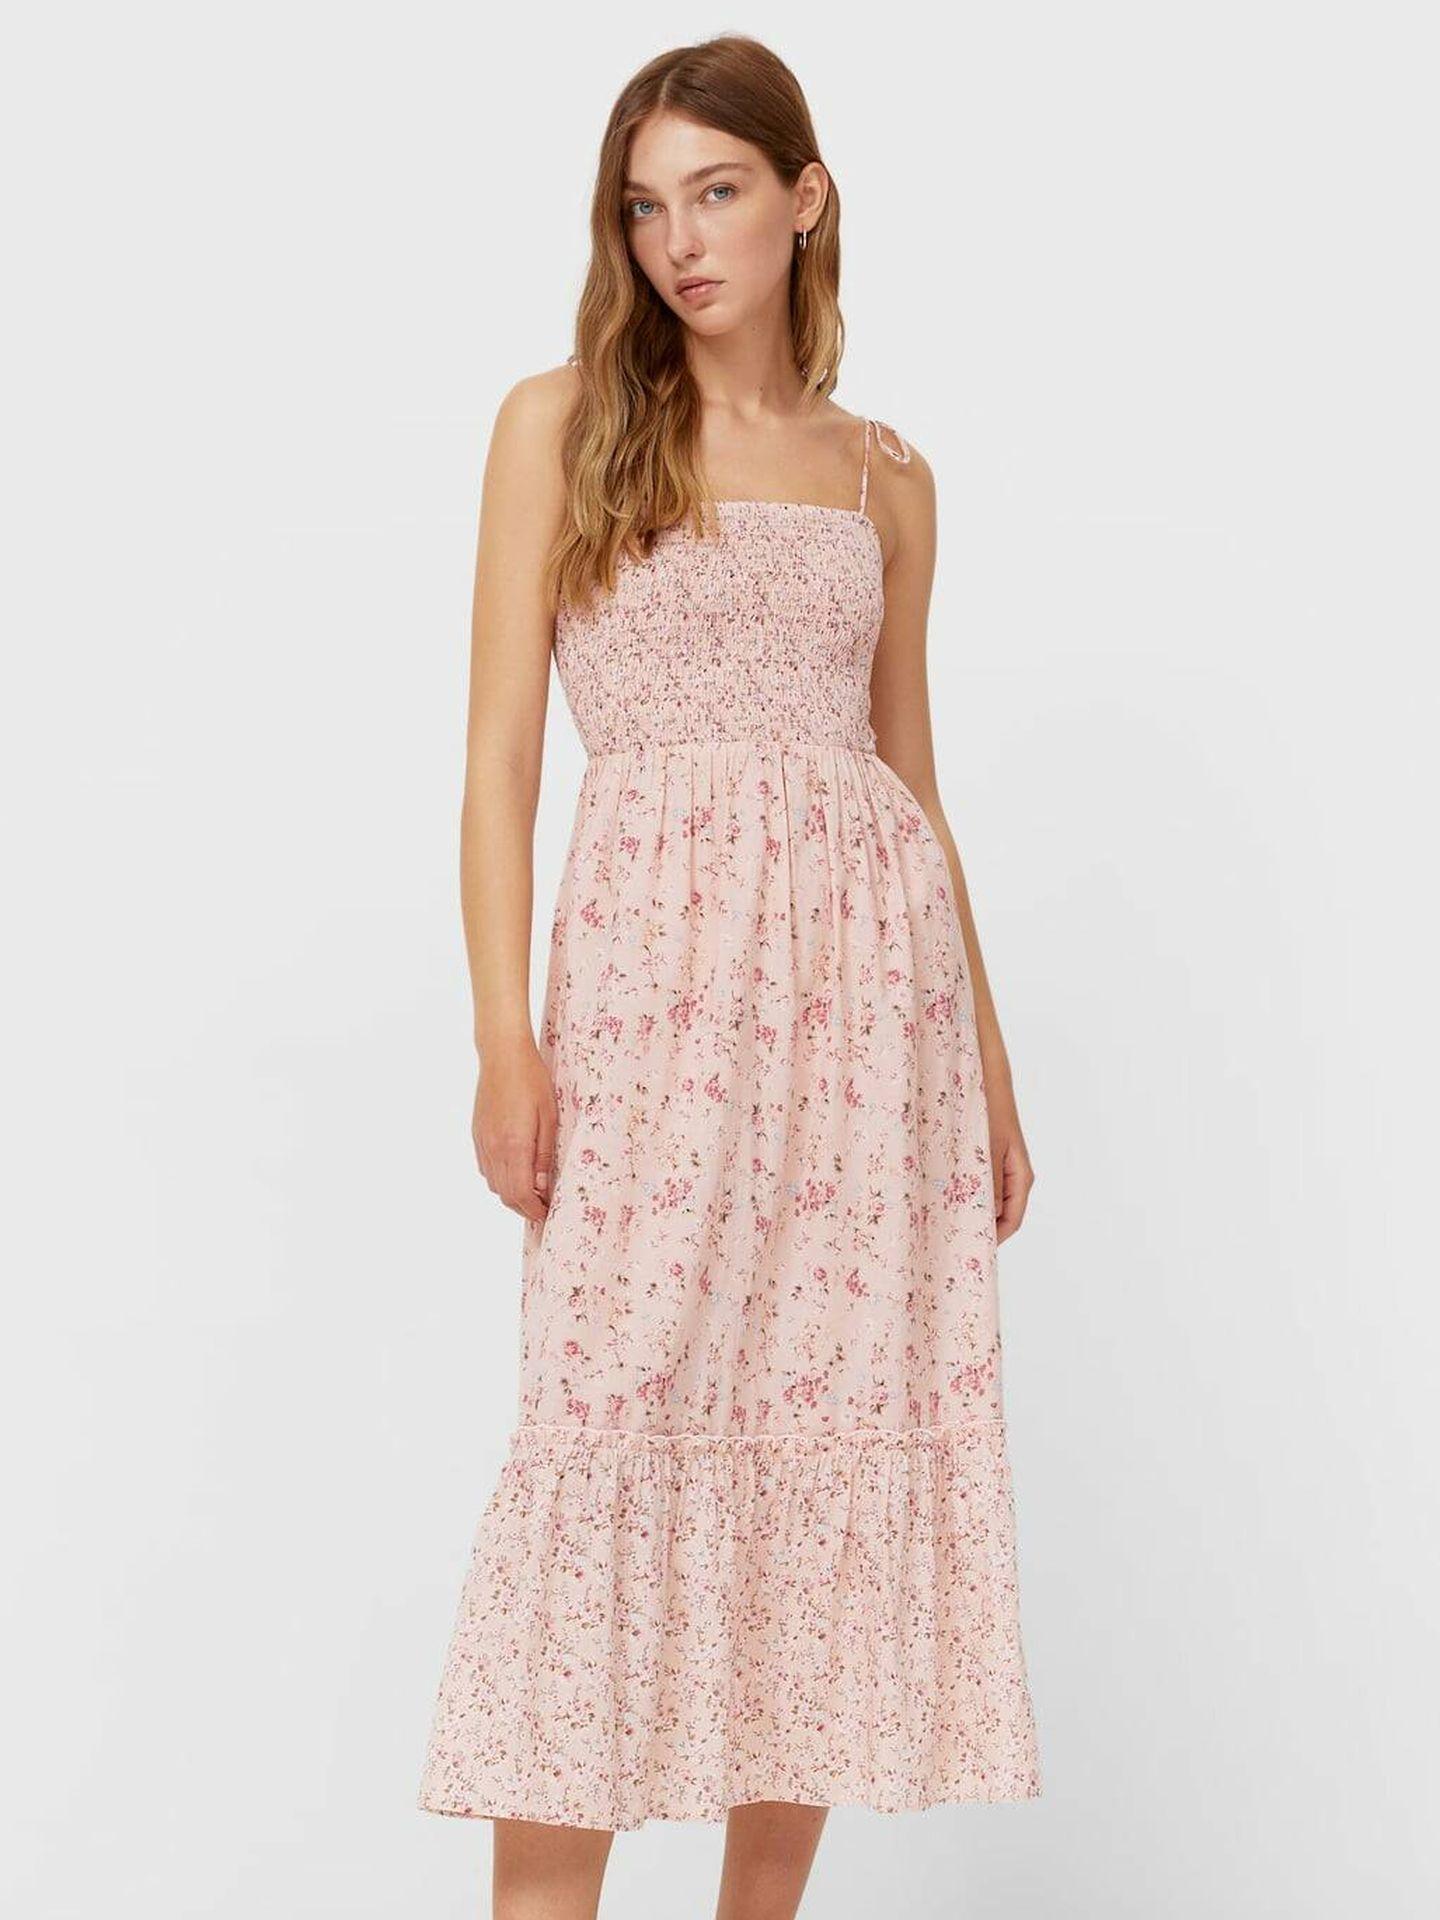 Vestido de flores de Stradivarius. (Cortesía)